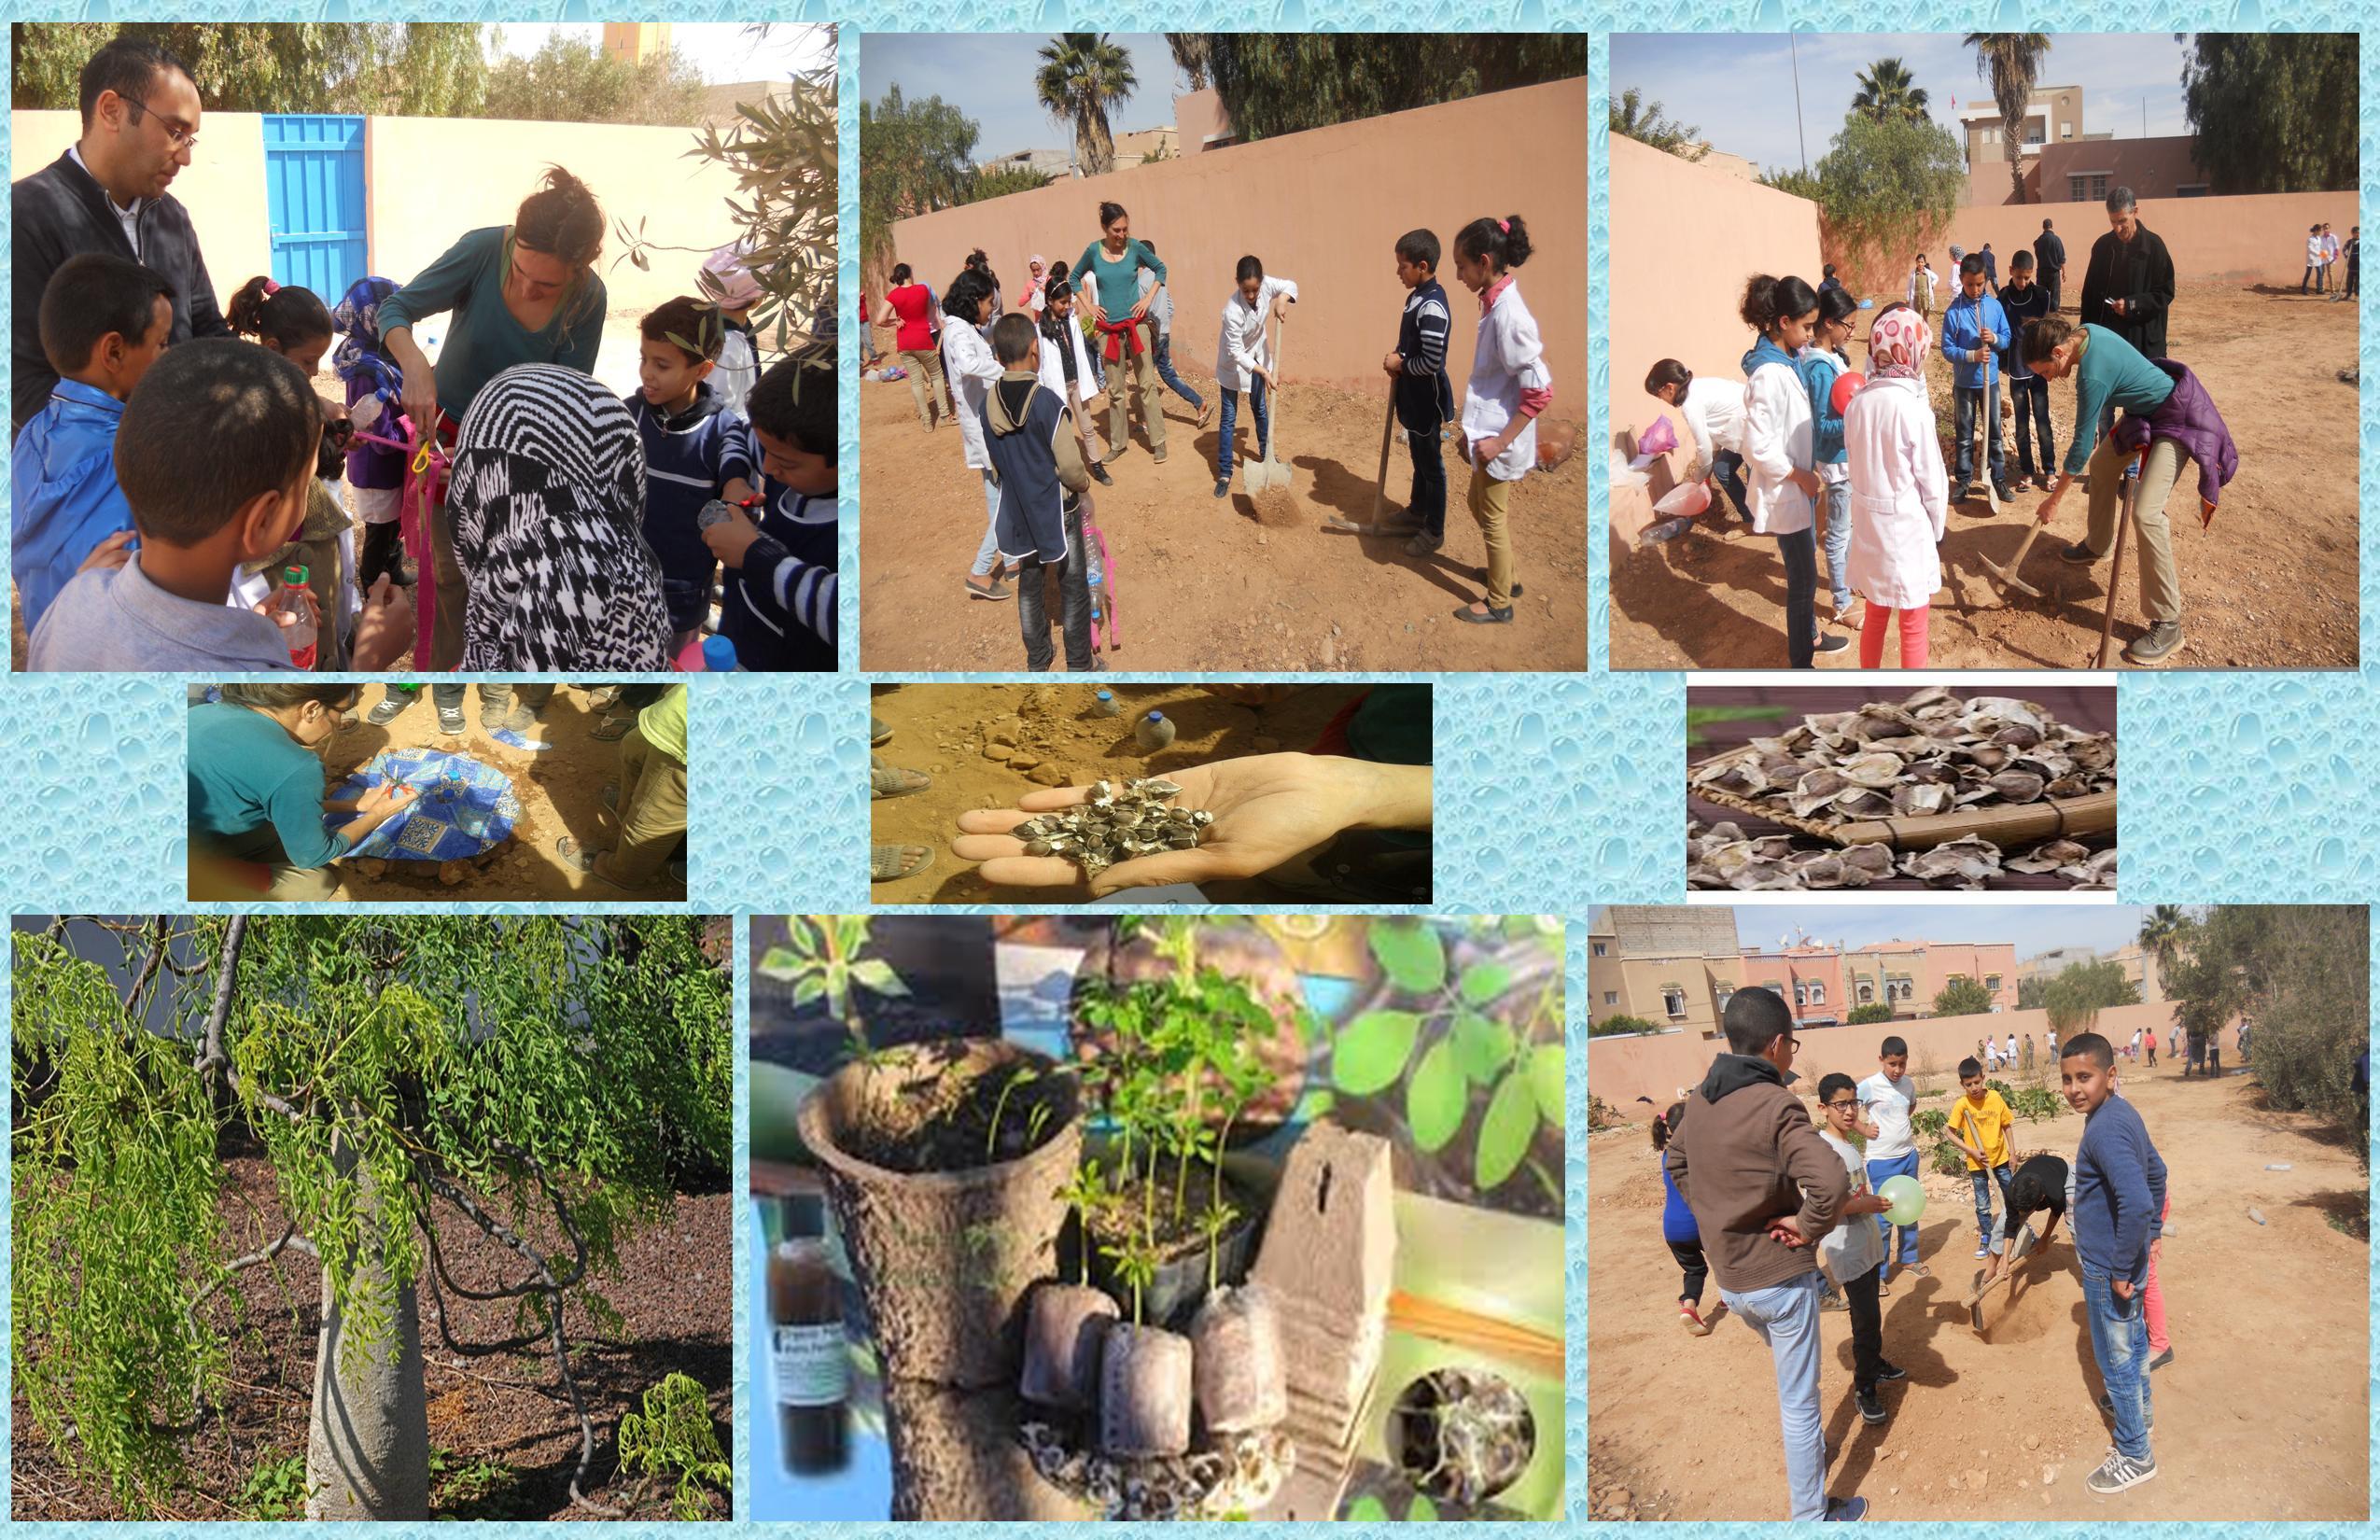 بلاغ إخباري: ورشة لتدريب التلاميذ على غرس نبتة شجرة هندية جديدةبمدرسة المختار السوسي بمدينة تيزنيت